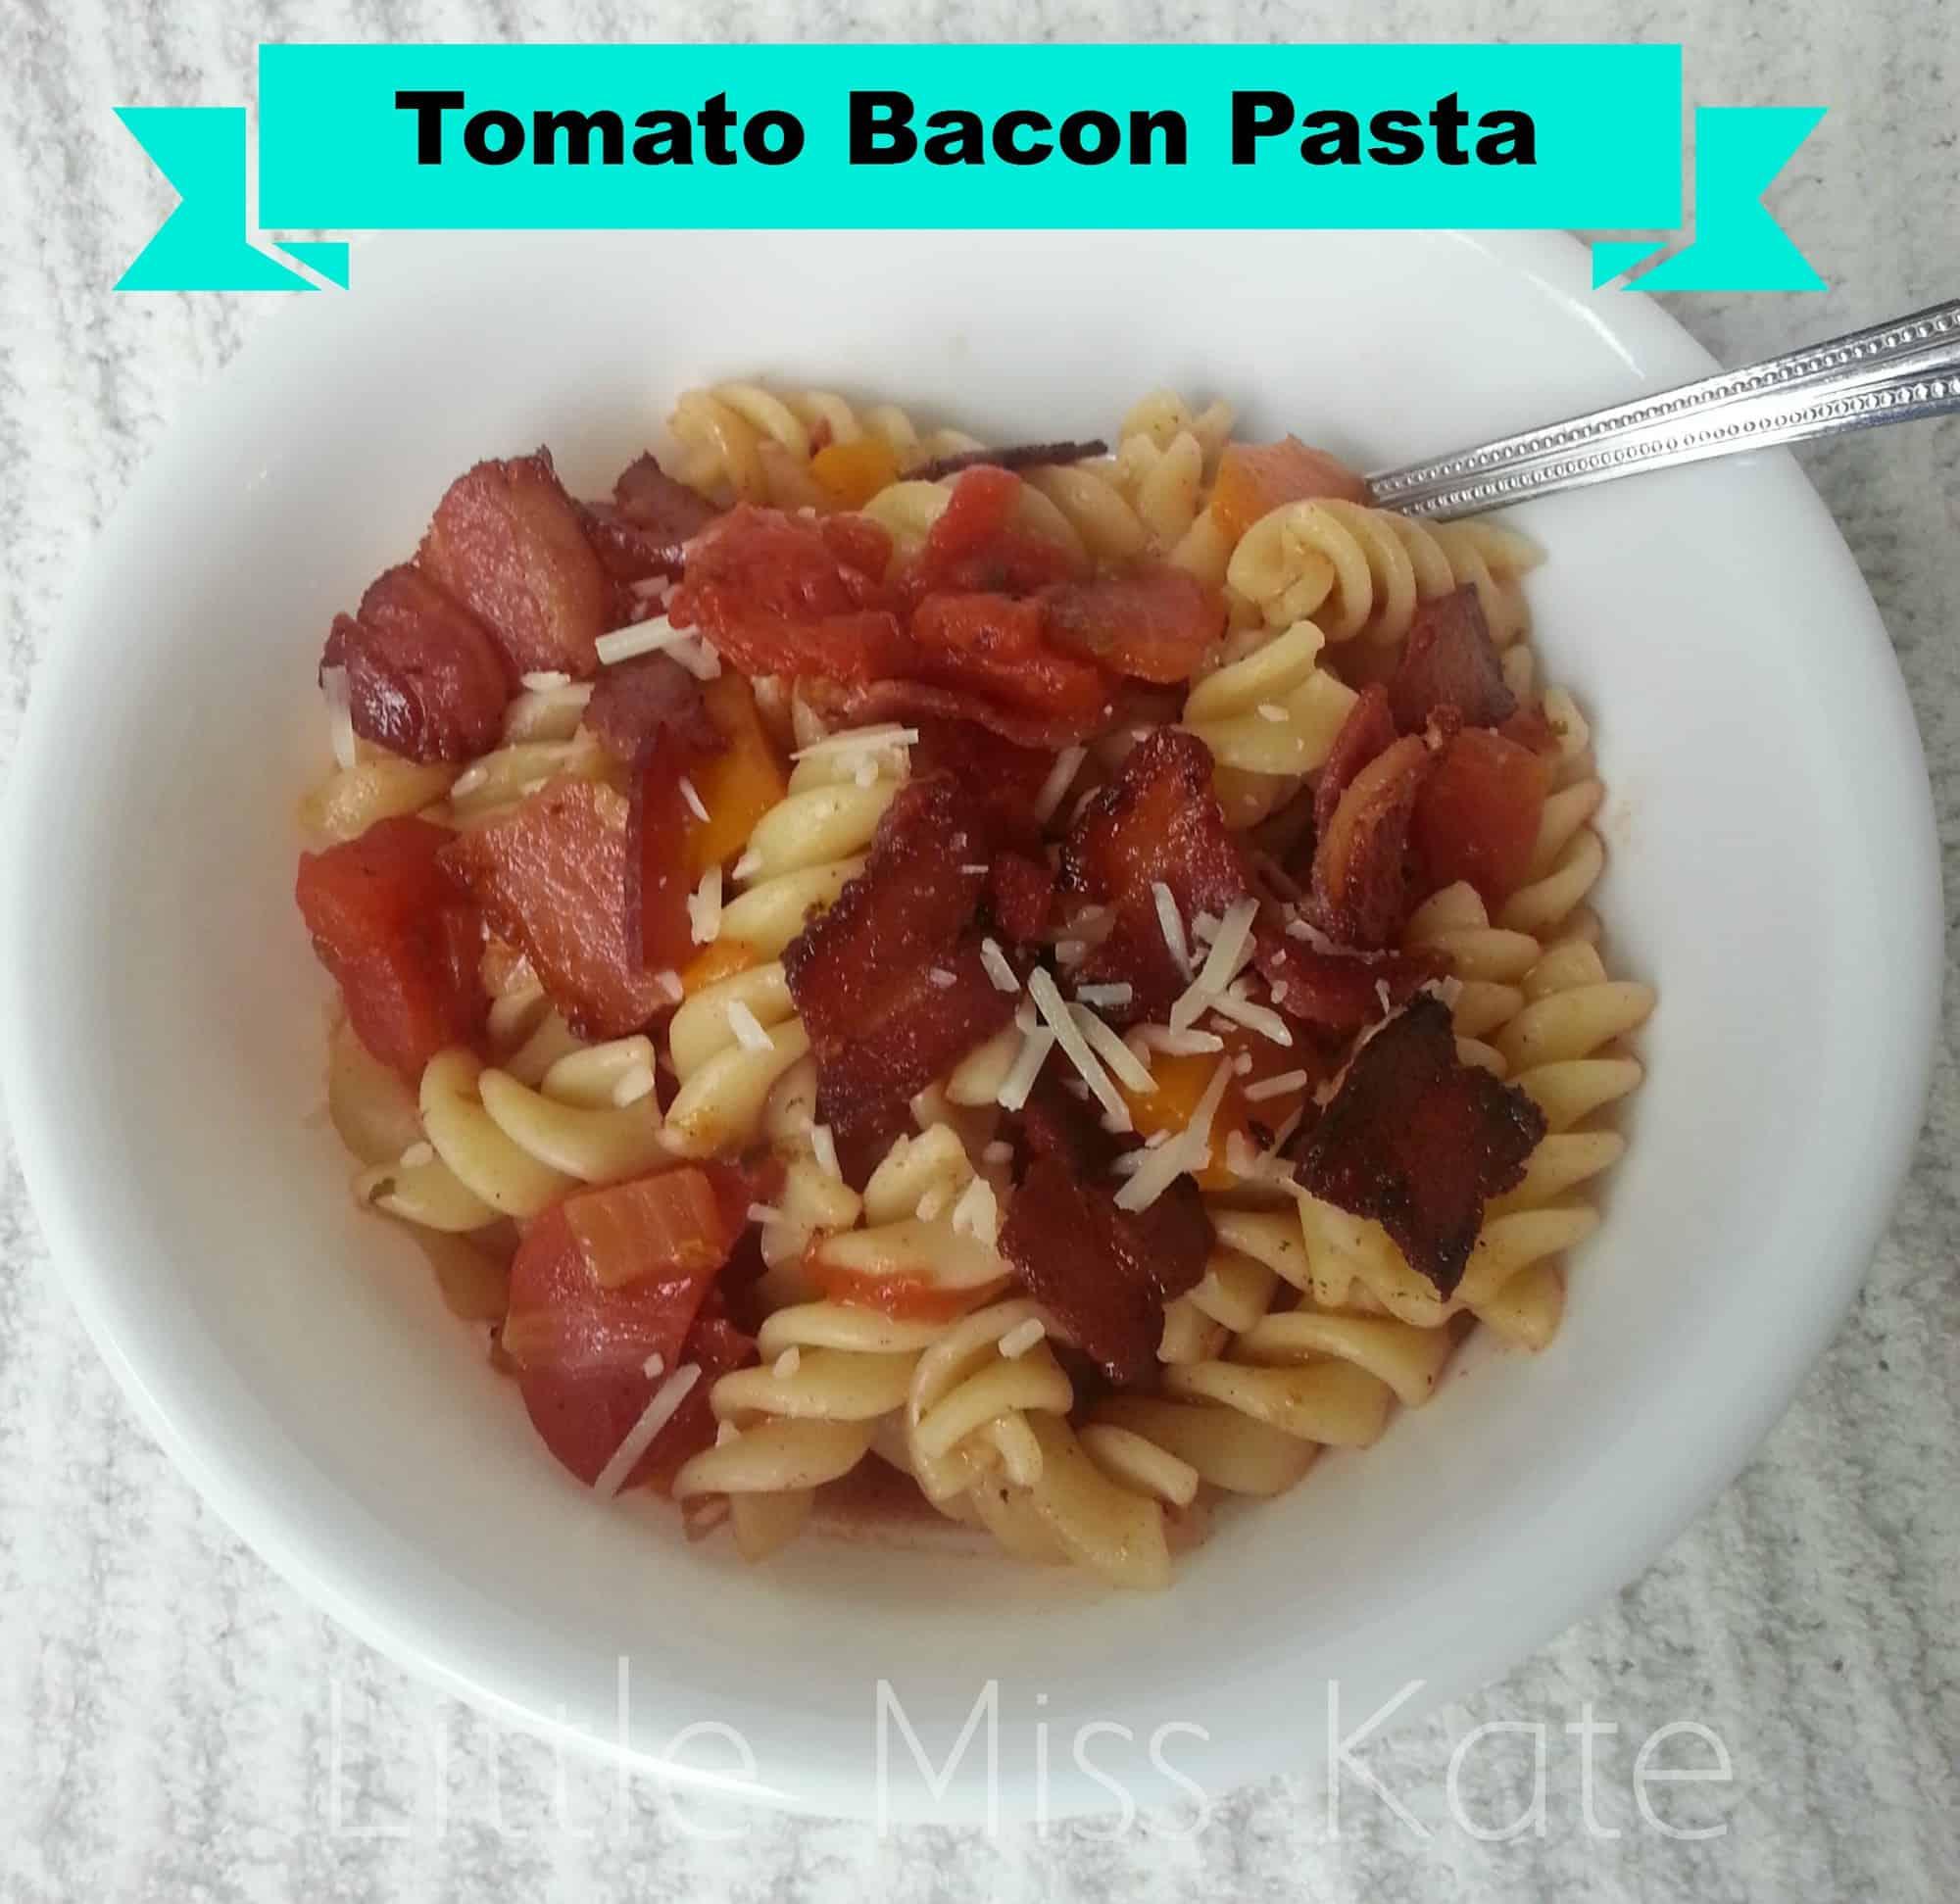 Tomato Bacon Pasta Recipe